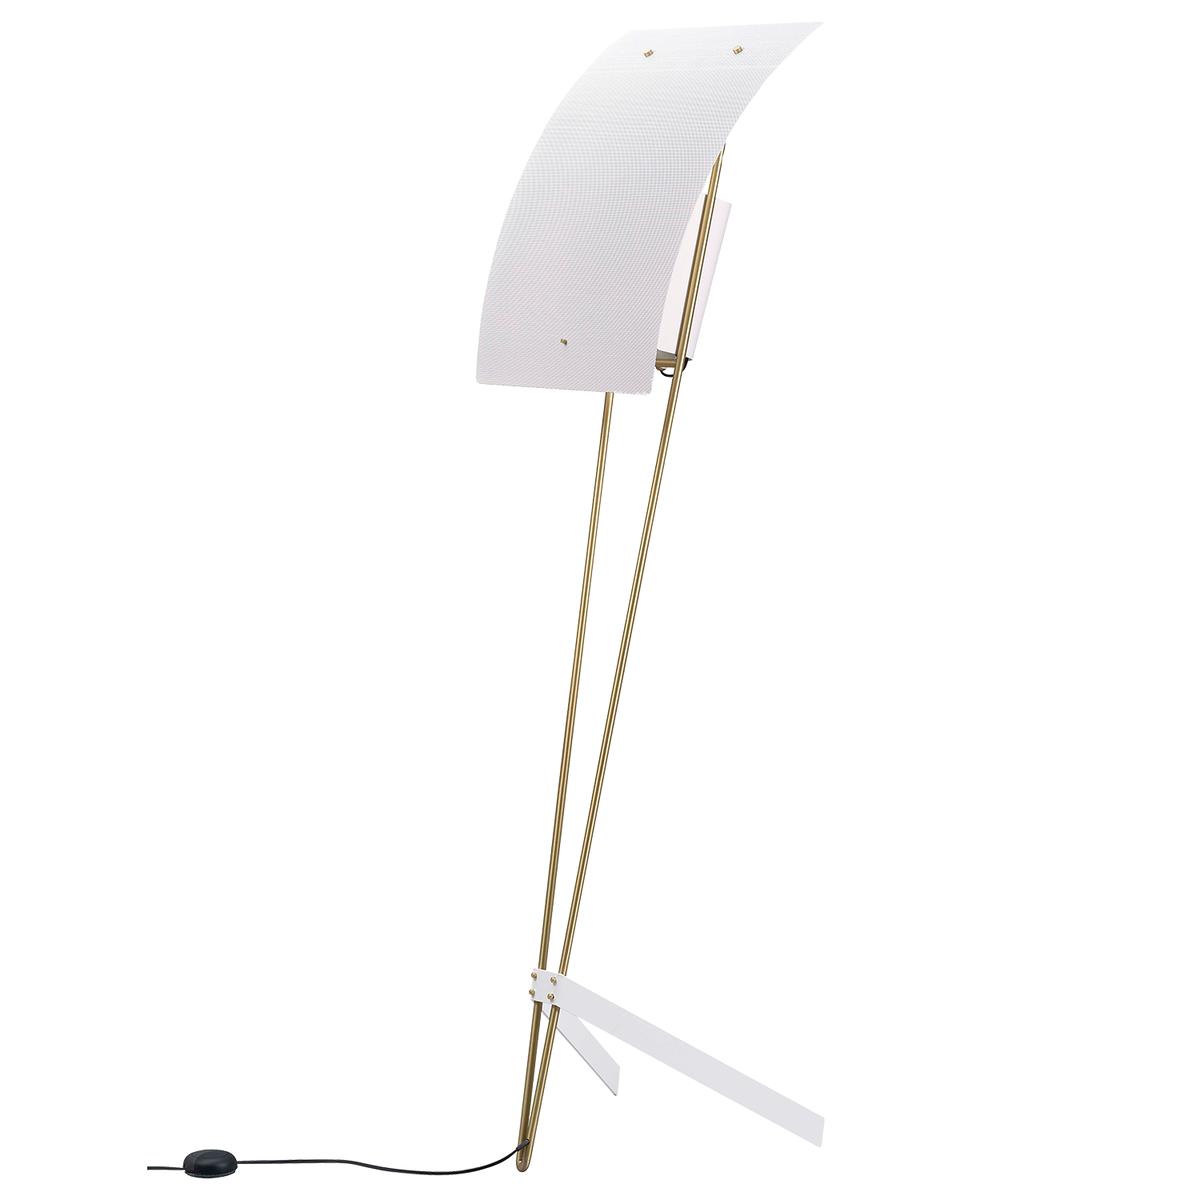 Sammode G30 Floor Lamp, White - White